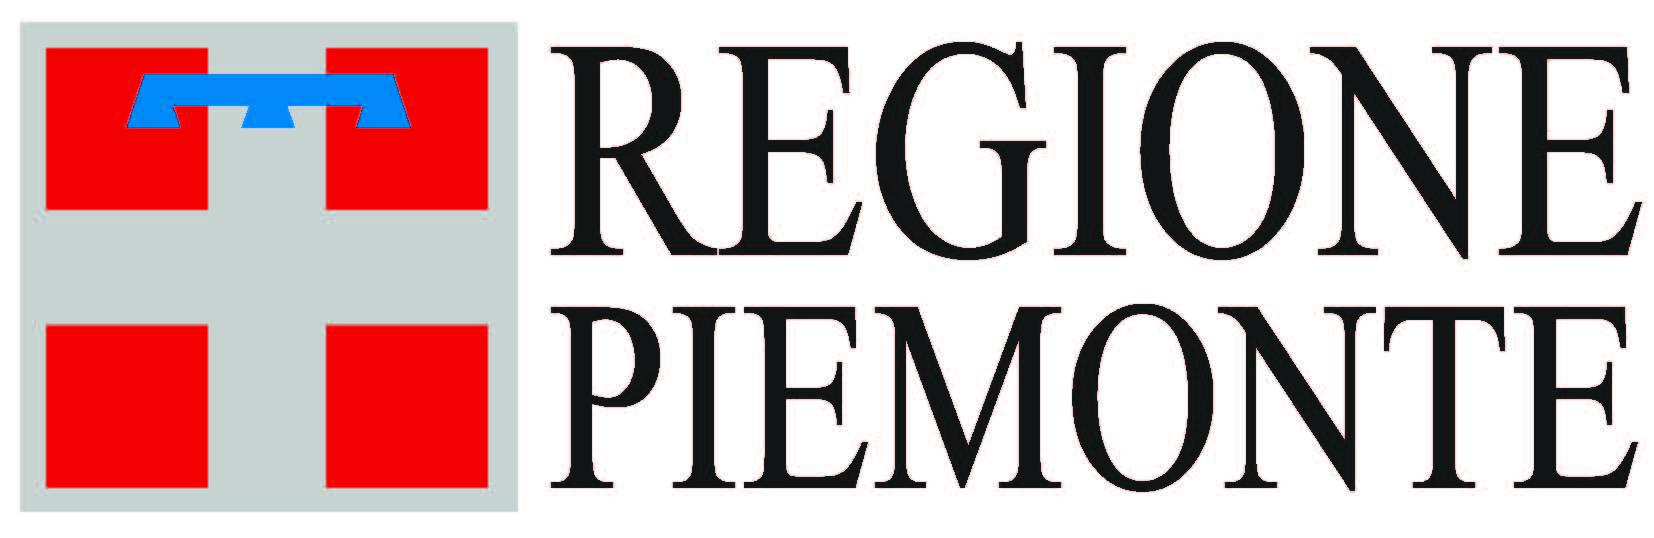 logo_regione_piemonte (1) (2).ai